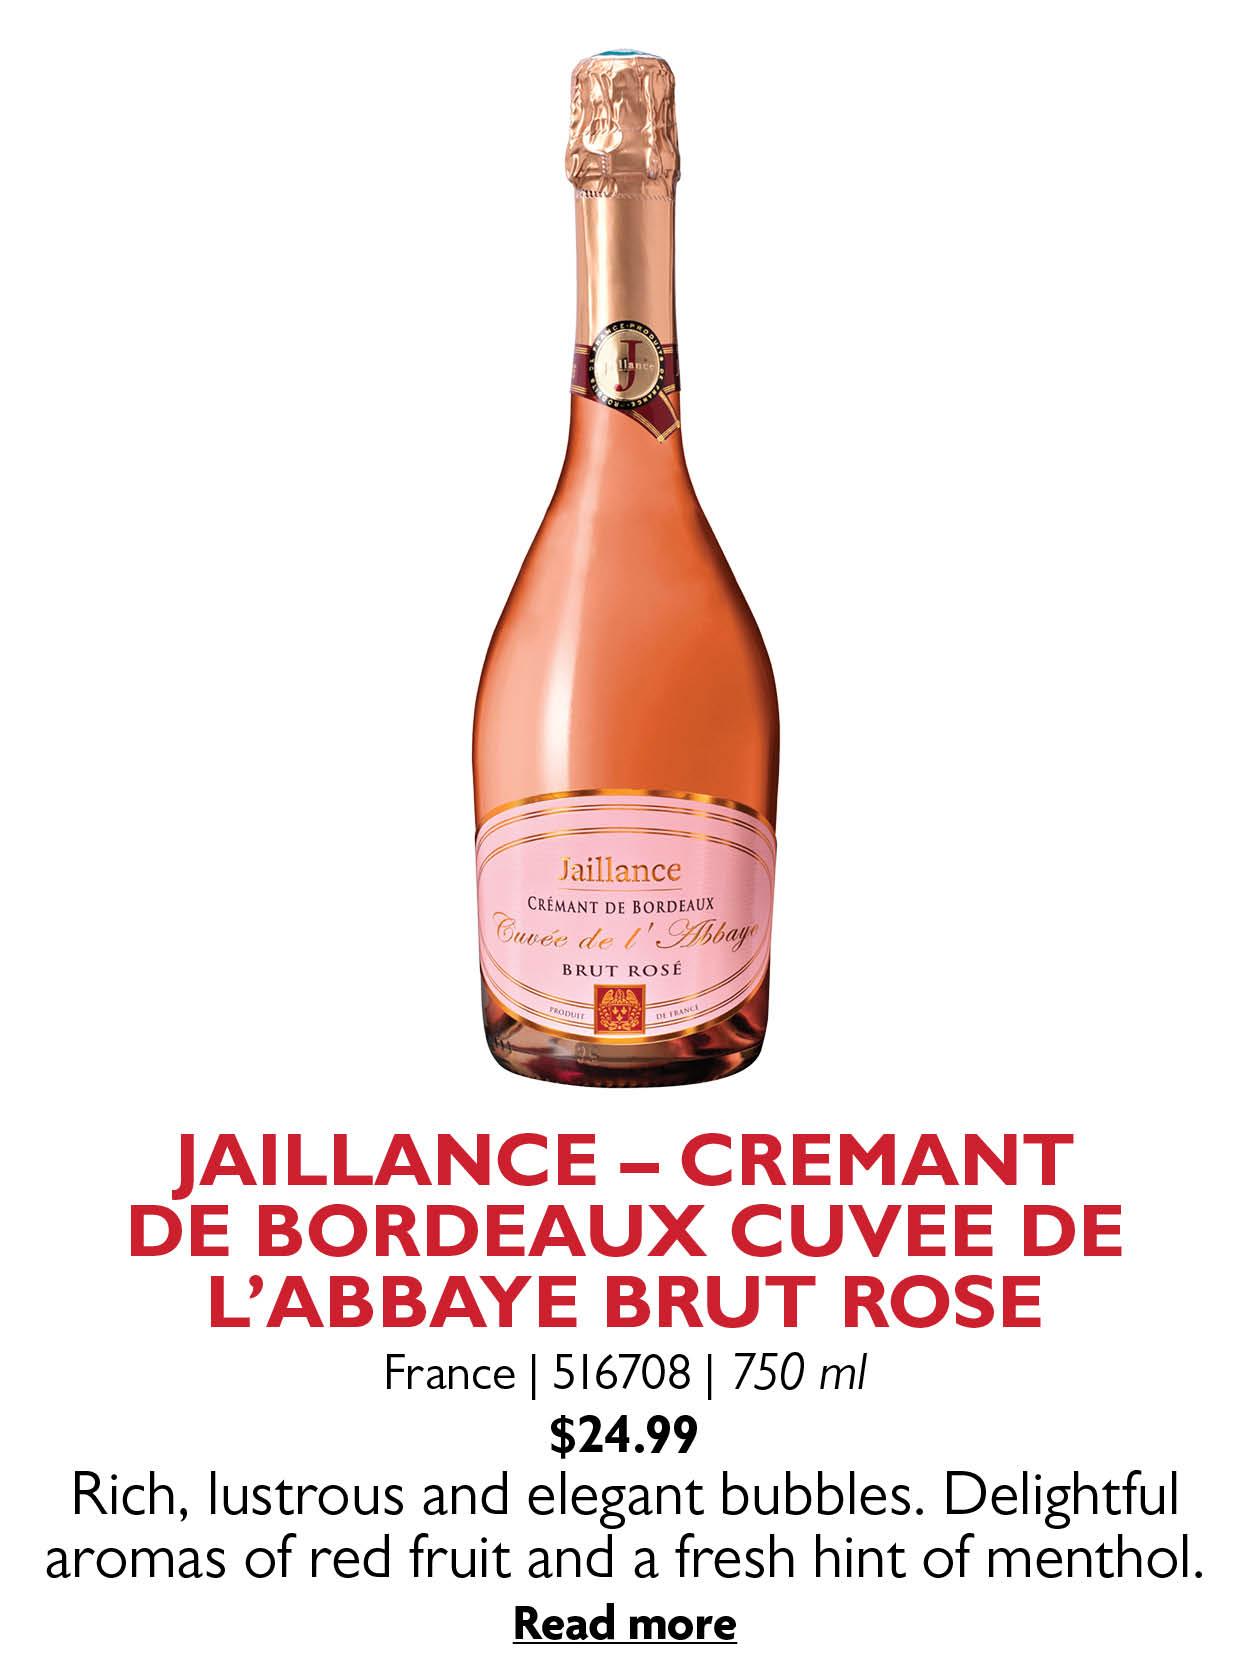 JAILLANCE - CREMANT DE BORDEAUX CUVEE DE L'ABBAYE BRUT ROSE